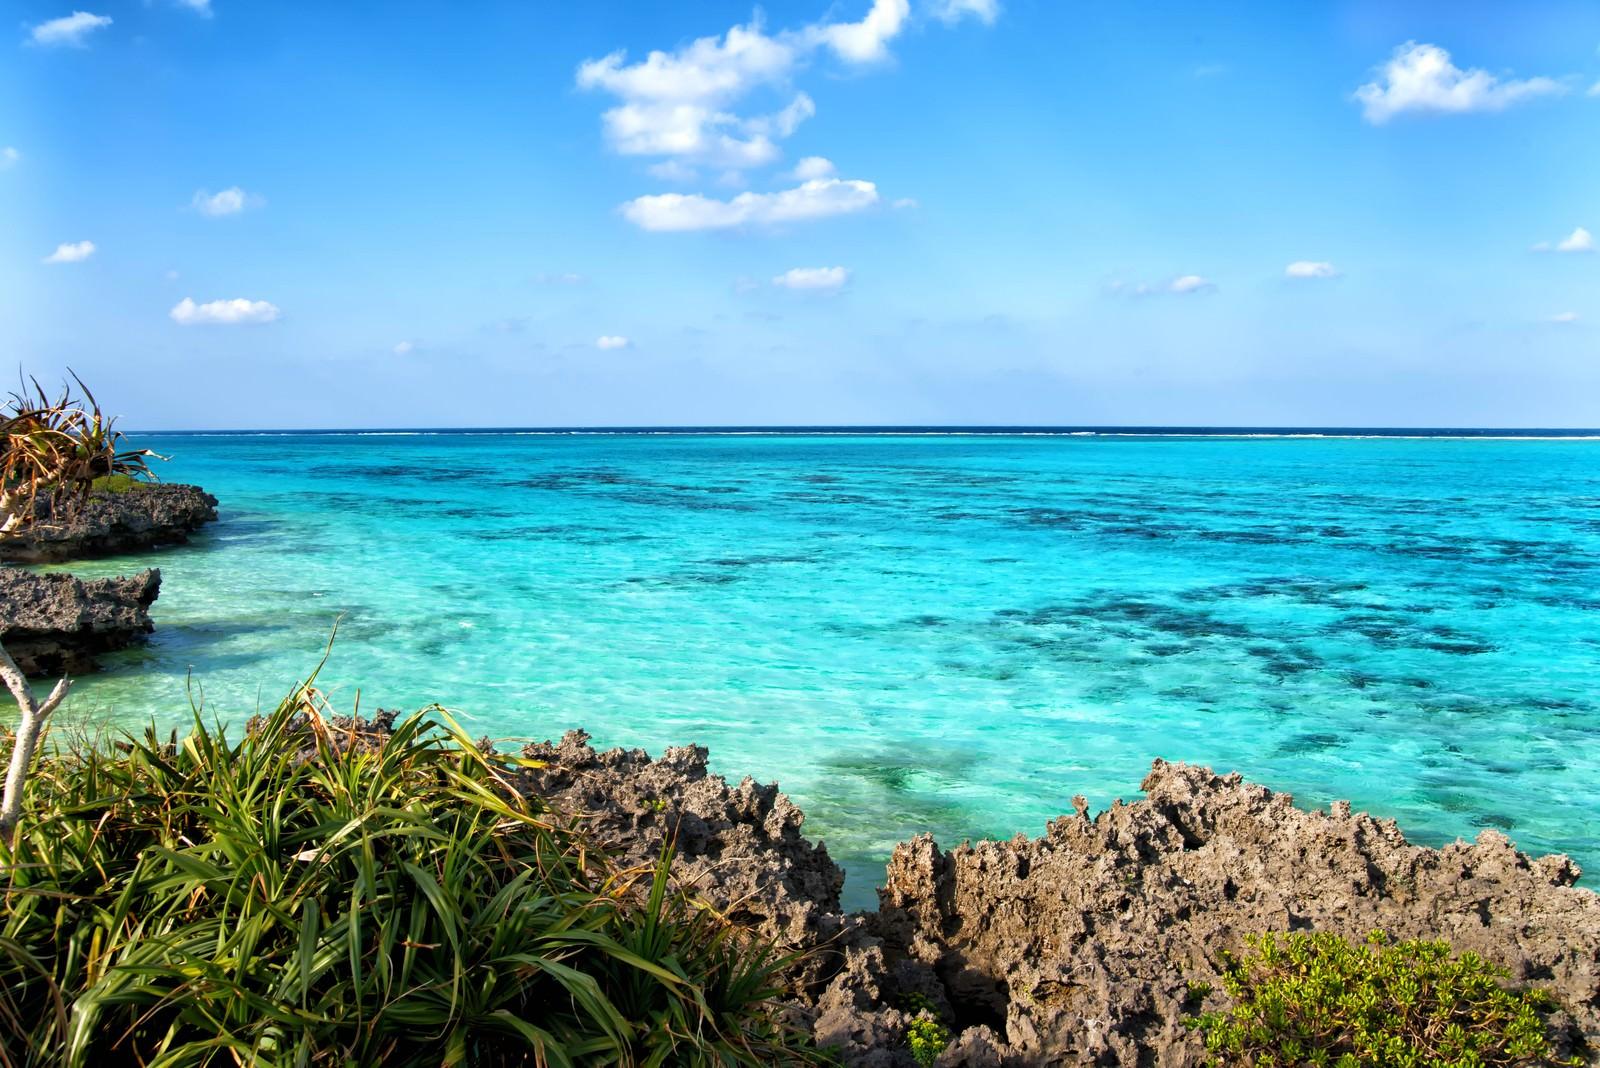 「サンゴ礁の海」